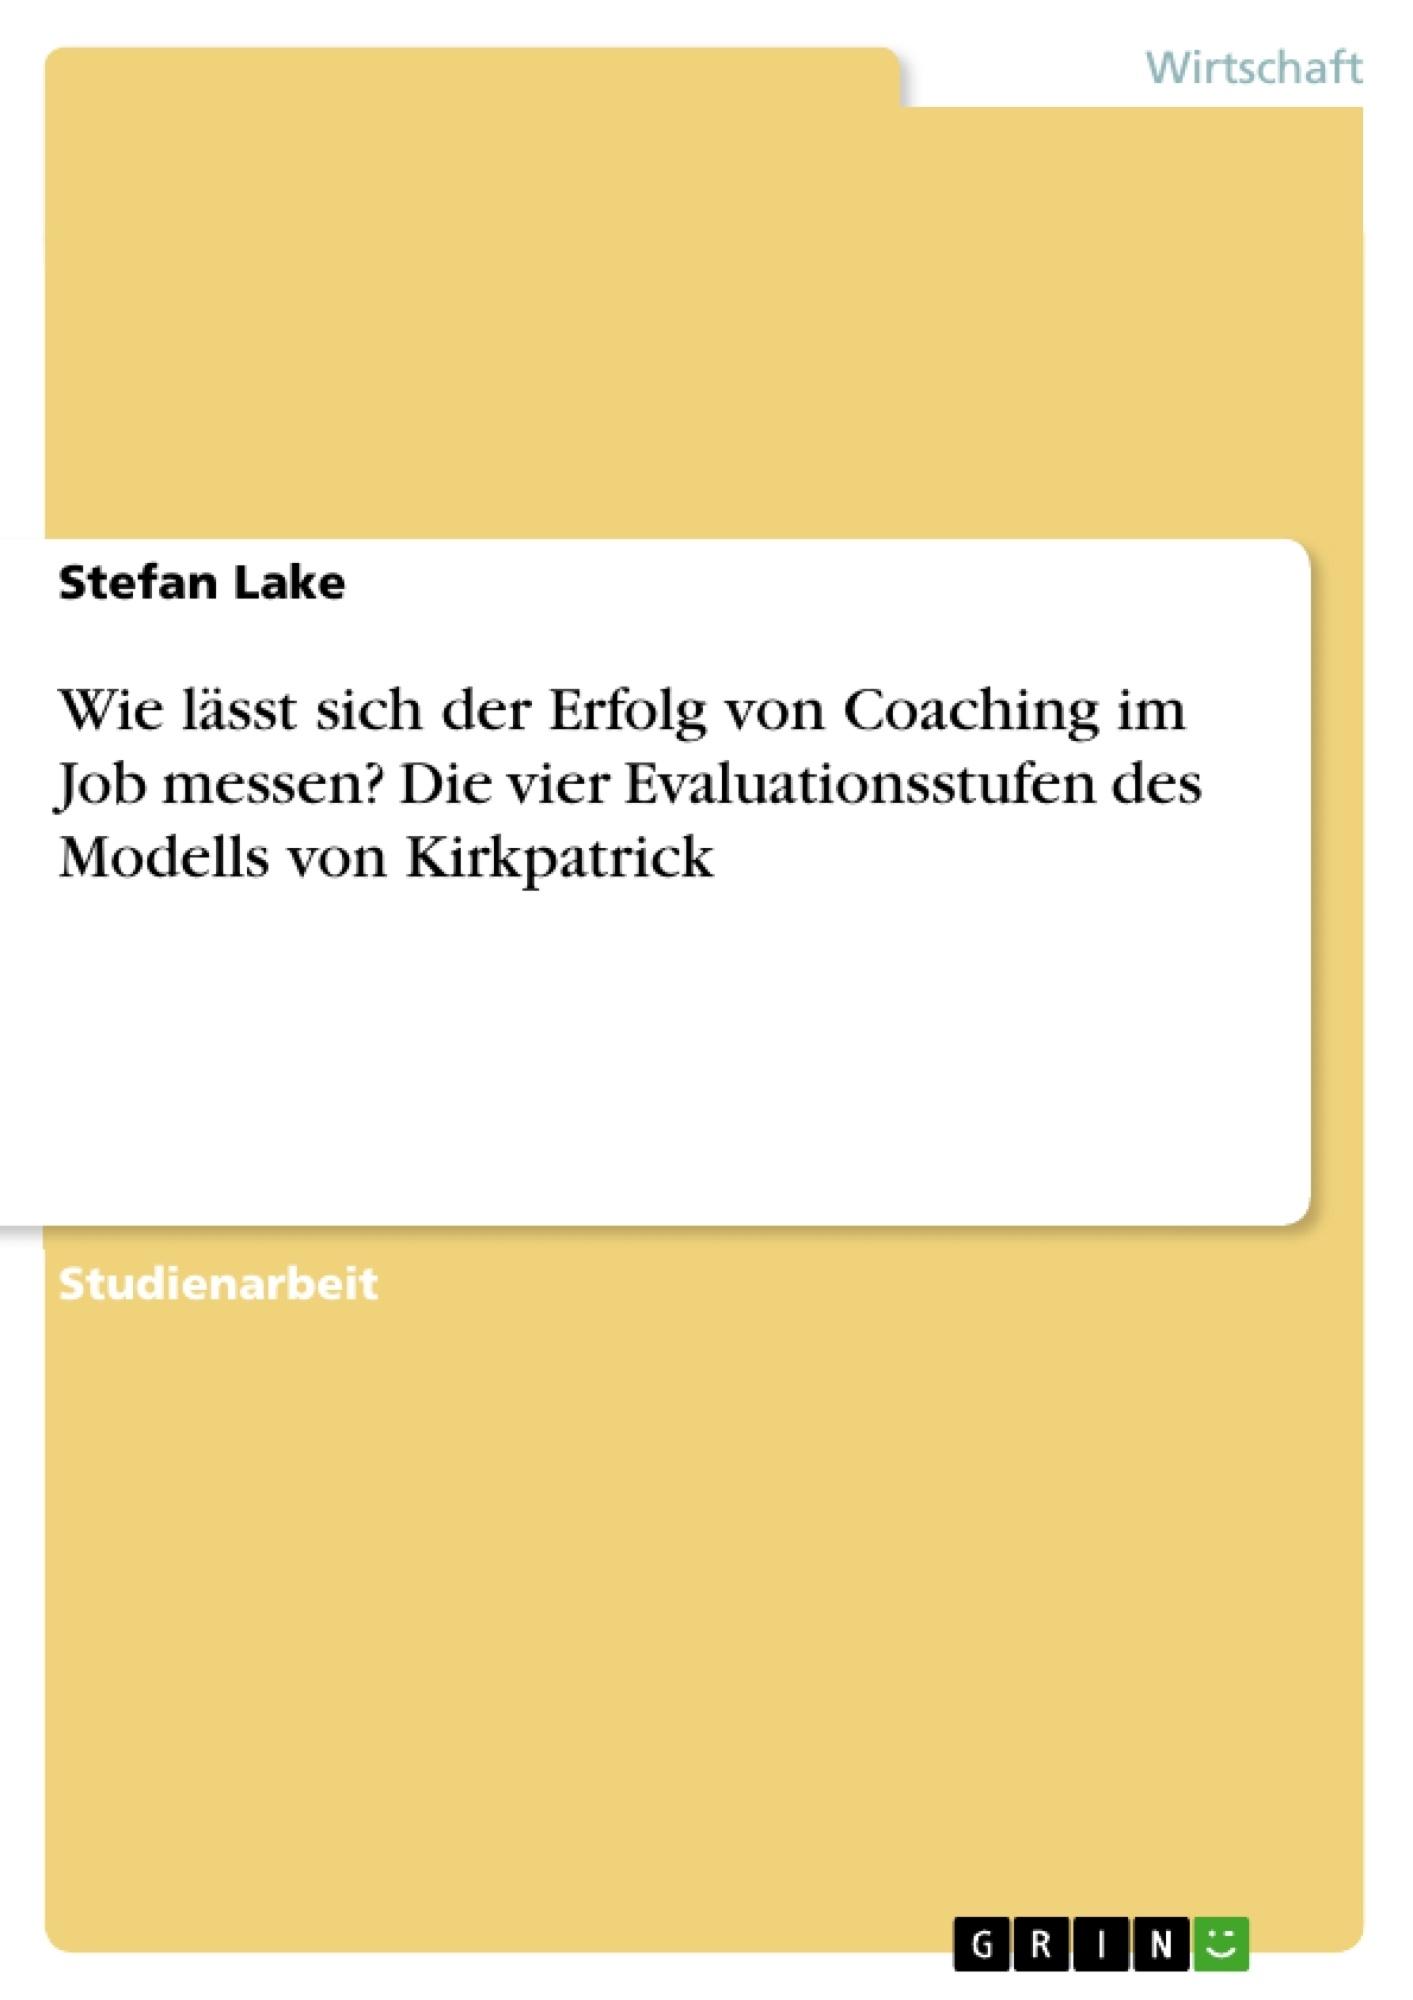 Titel: Wie lässt sich der Erfolg von Coaching im Job messen? Die vier Evaluationsstufen des Modells von Kirkpatrick